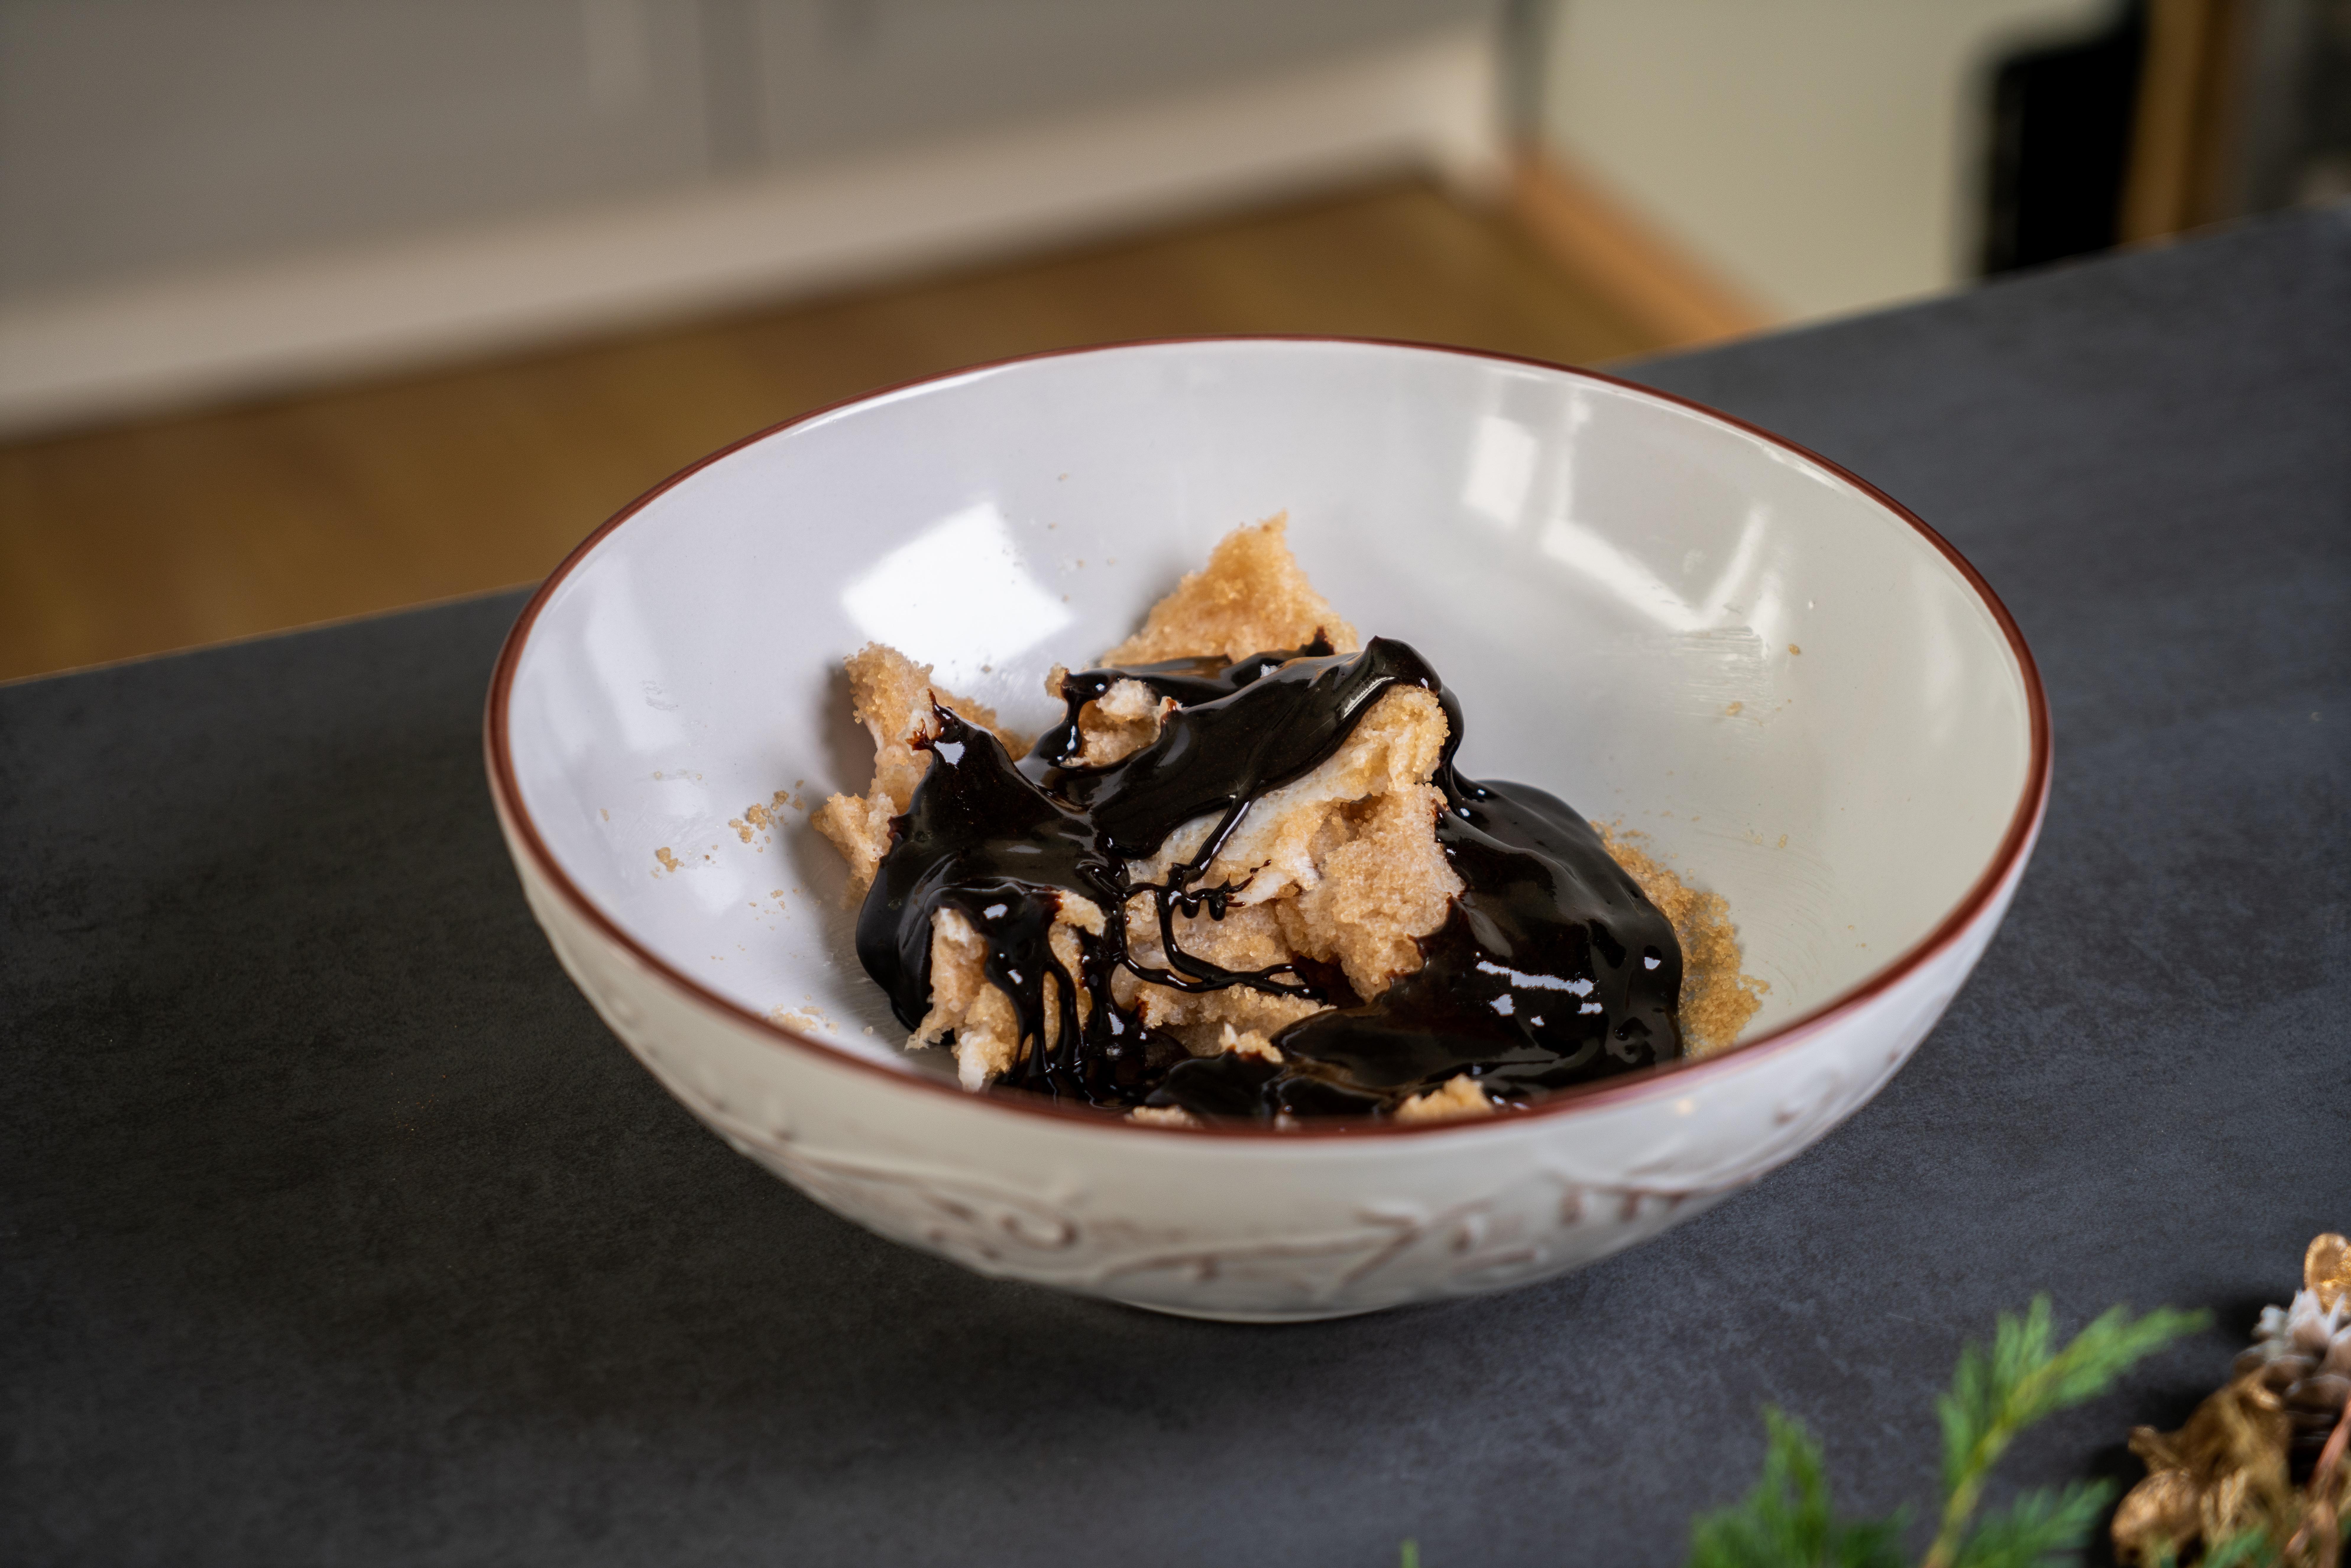 azucar morena mezclada con mantequilla de coco y melasa, ideas de postres y galletas saludables y fáciles de preparar